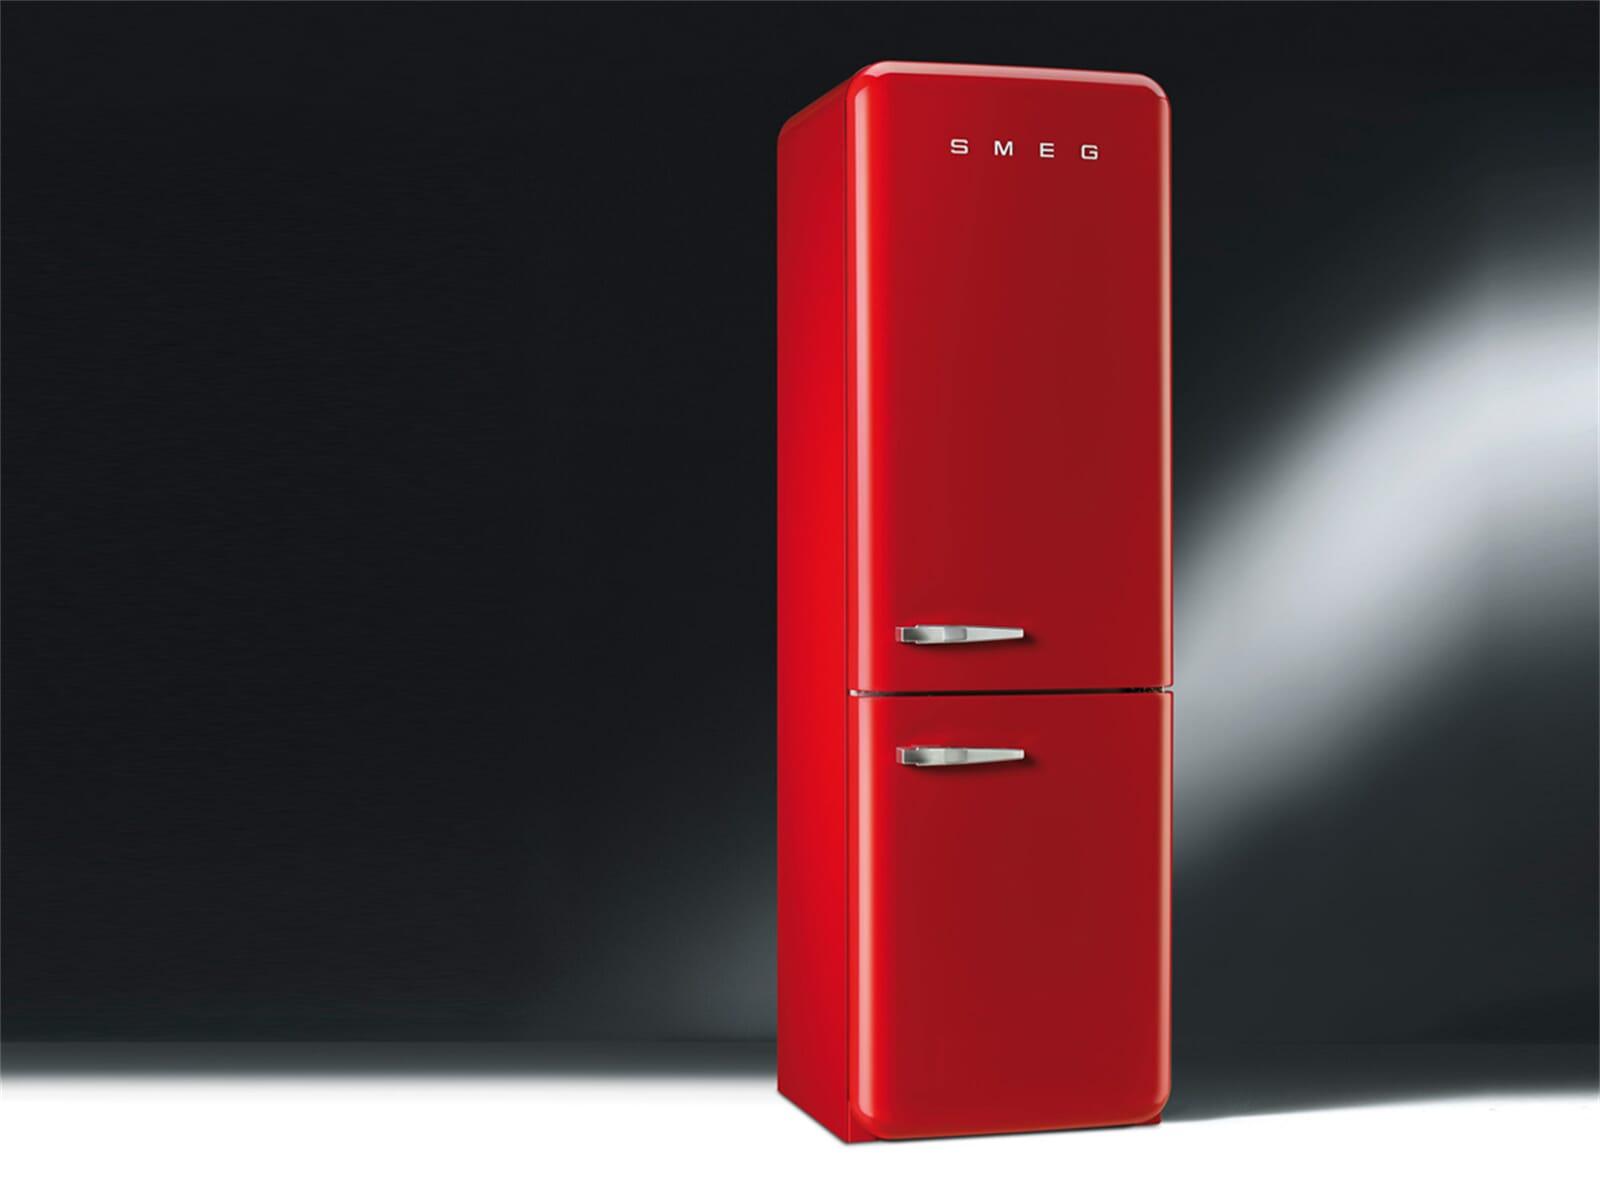 Smeg Kühlschrank Leise : Kühlschrank leise lg kühlschrank gs 9366 pzqzb side by side gerät 626